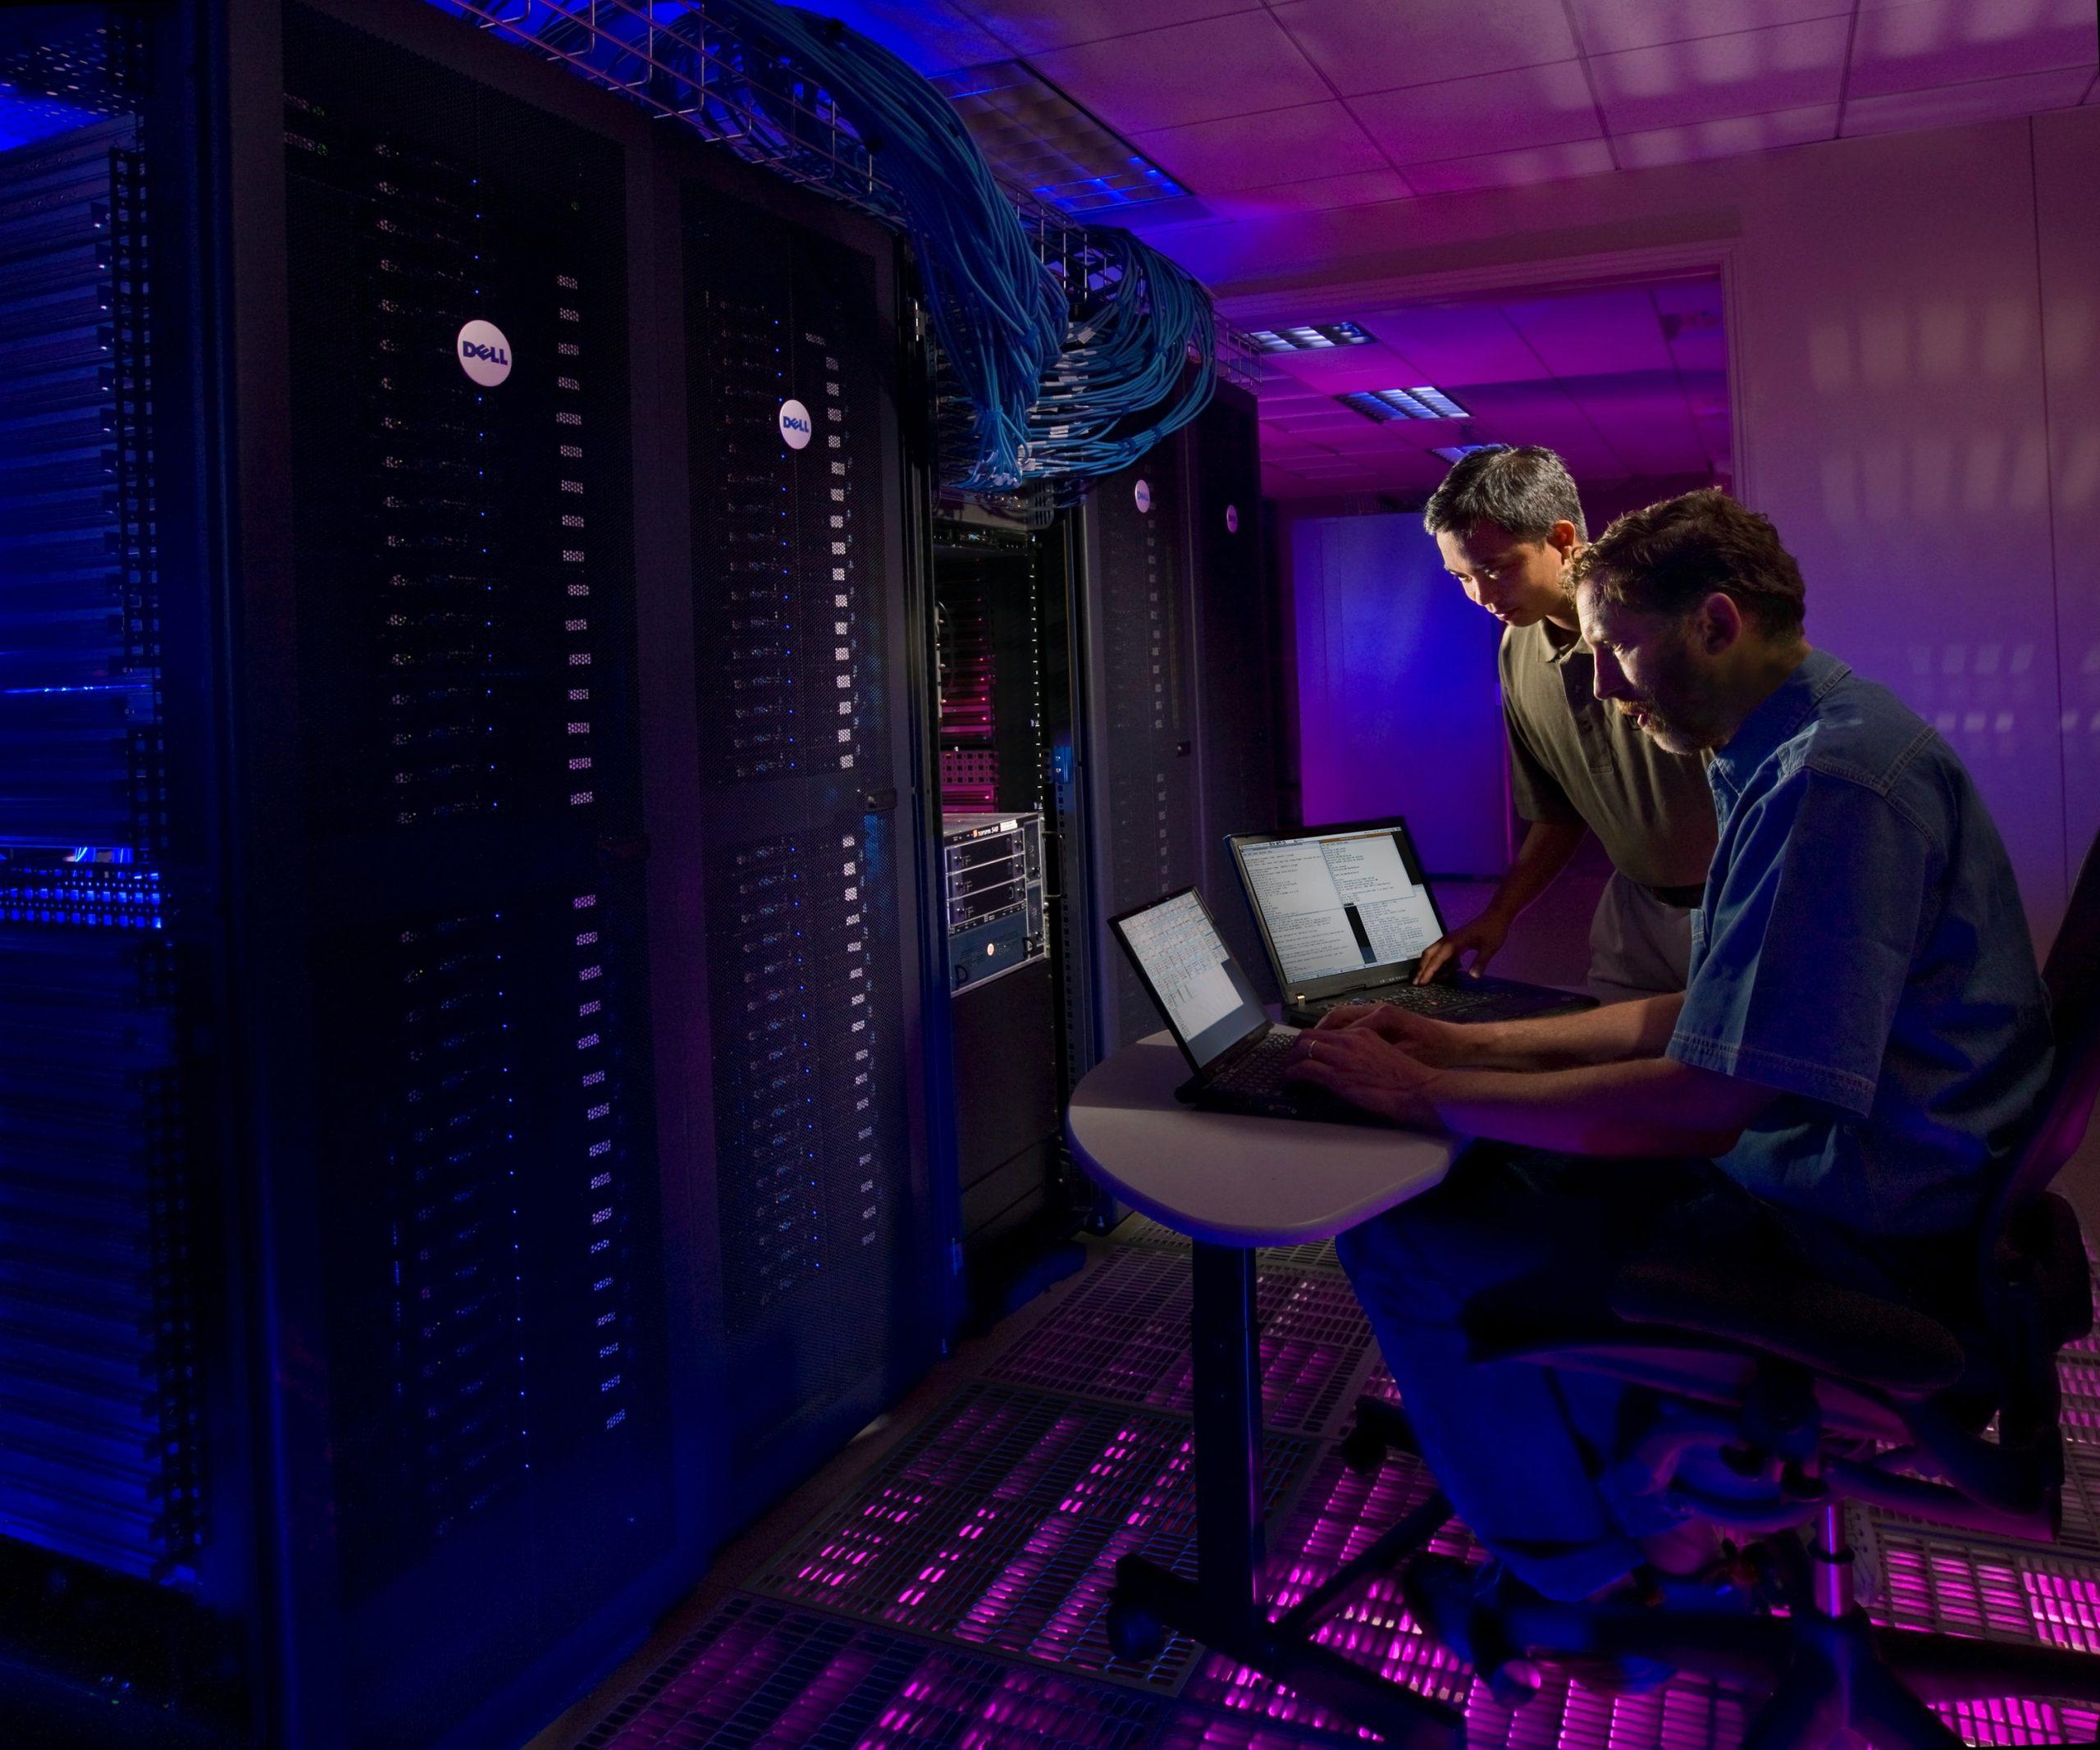 Offsite backup server